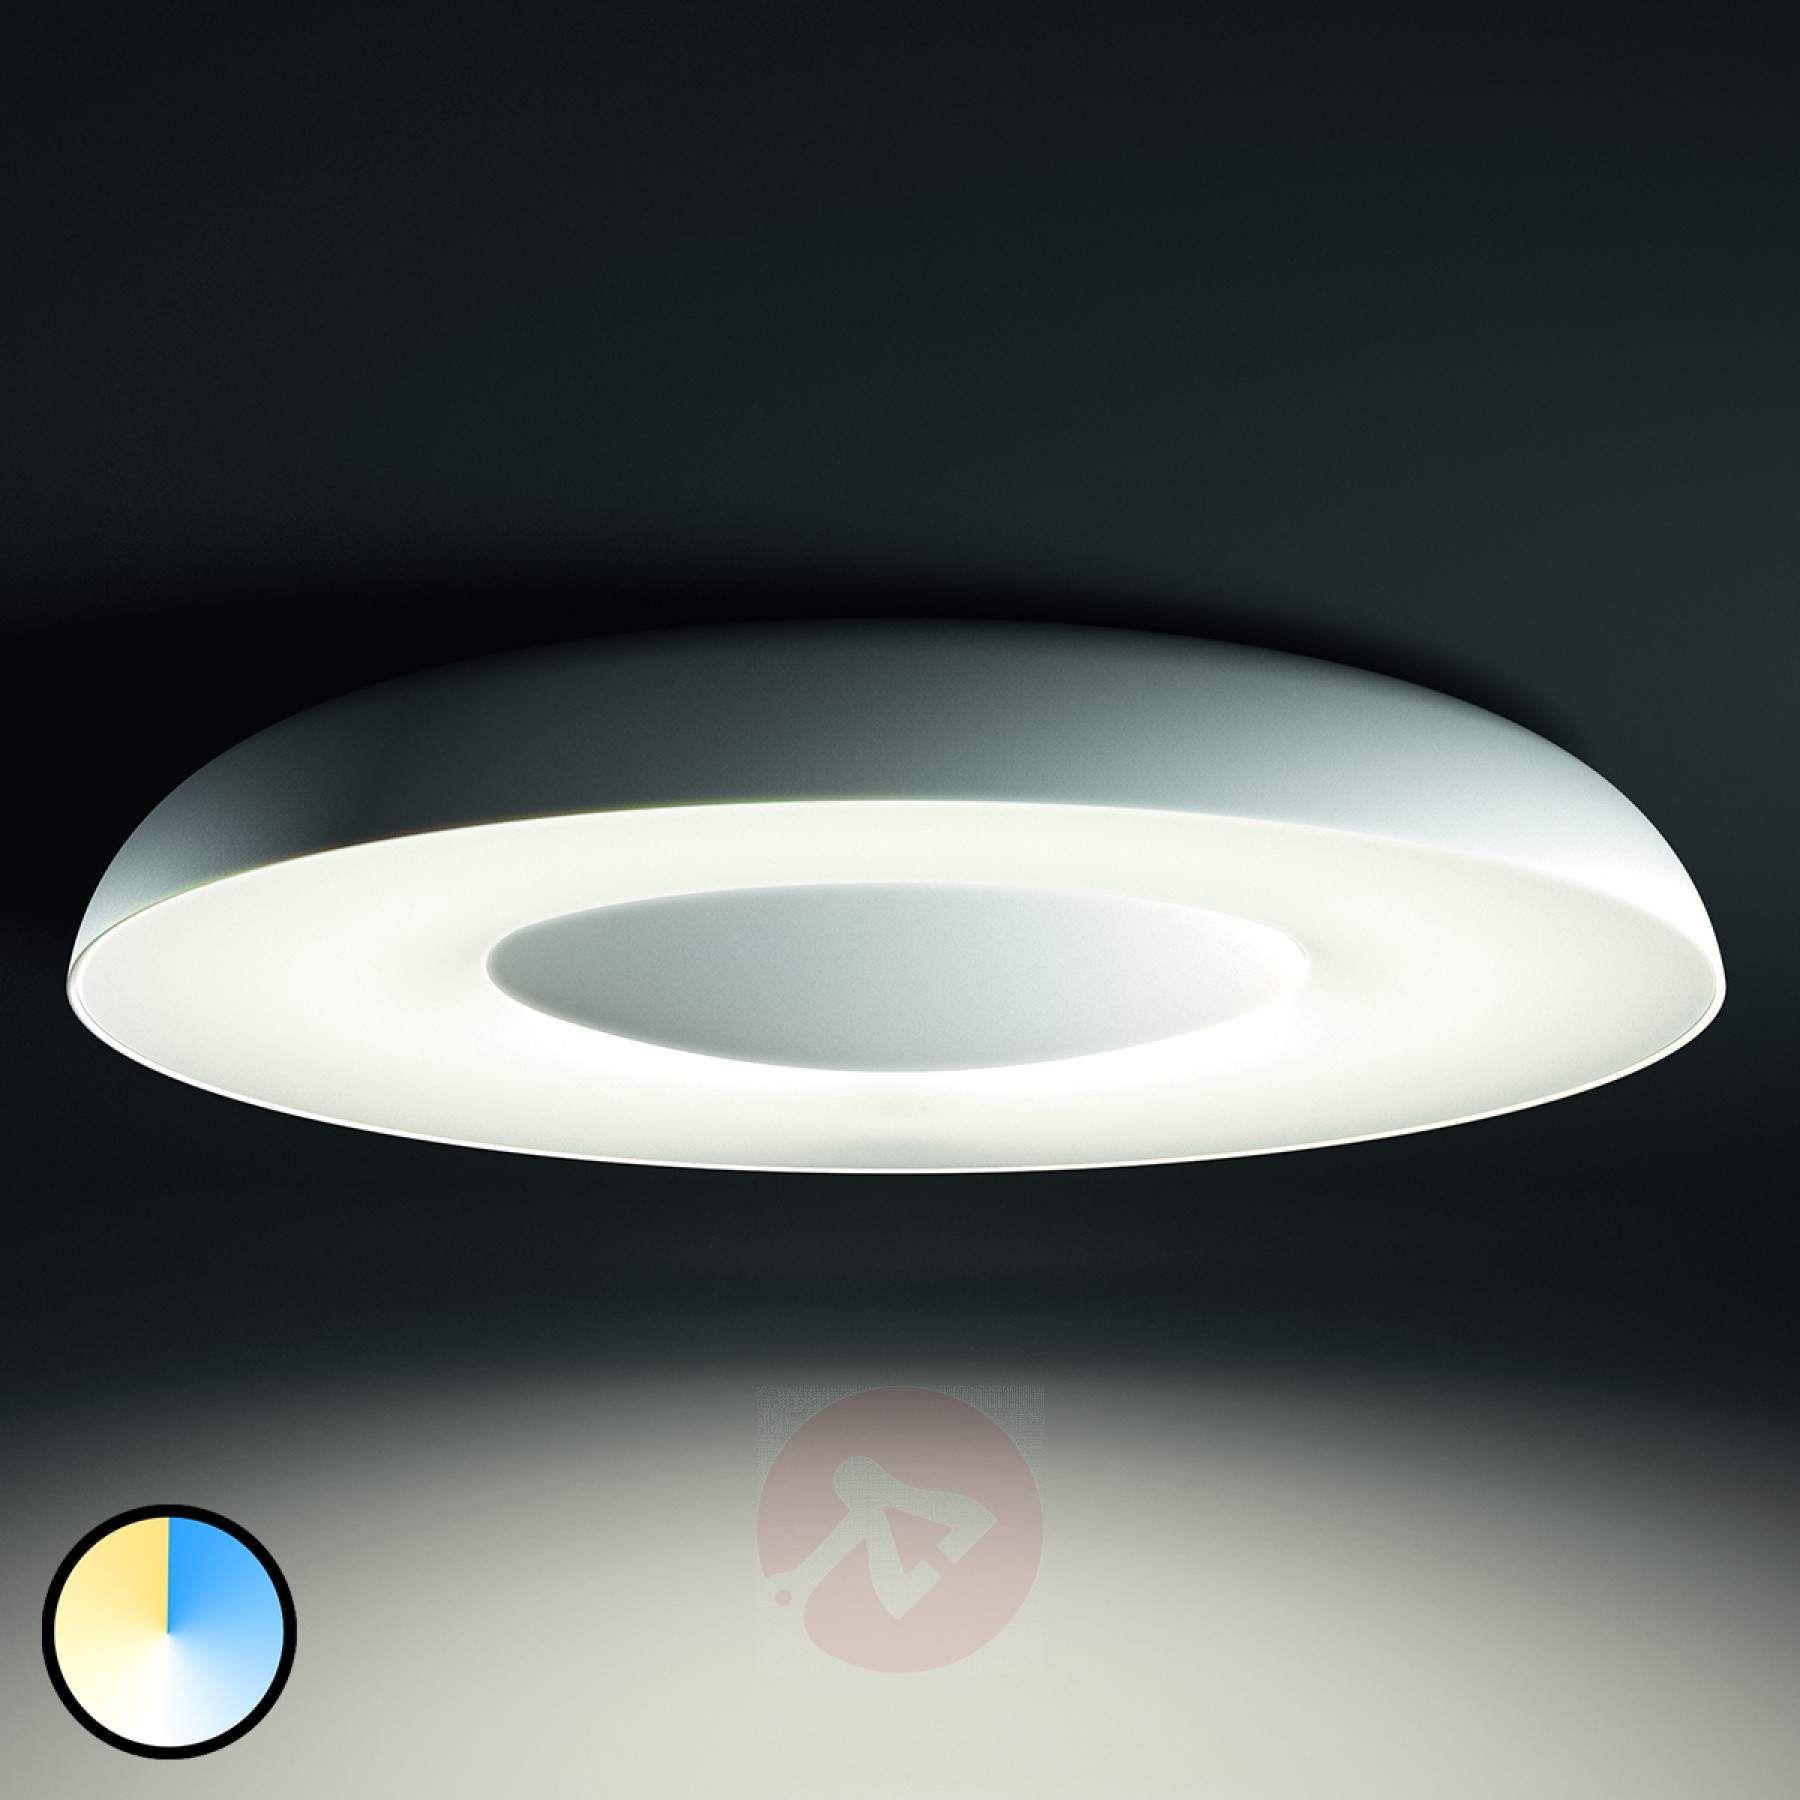 Philips Hue White Ambiance Still Deckenlampe Weiss Kaufen Lampenwelt De Deckenlampe Weiss Deckenlampe Badbeleuchtung